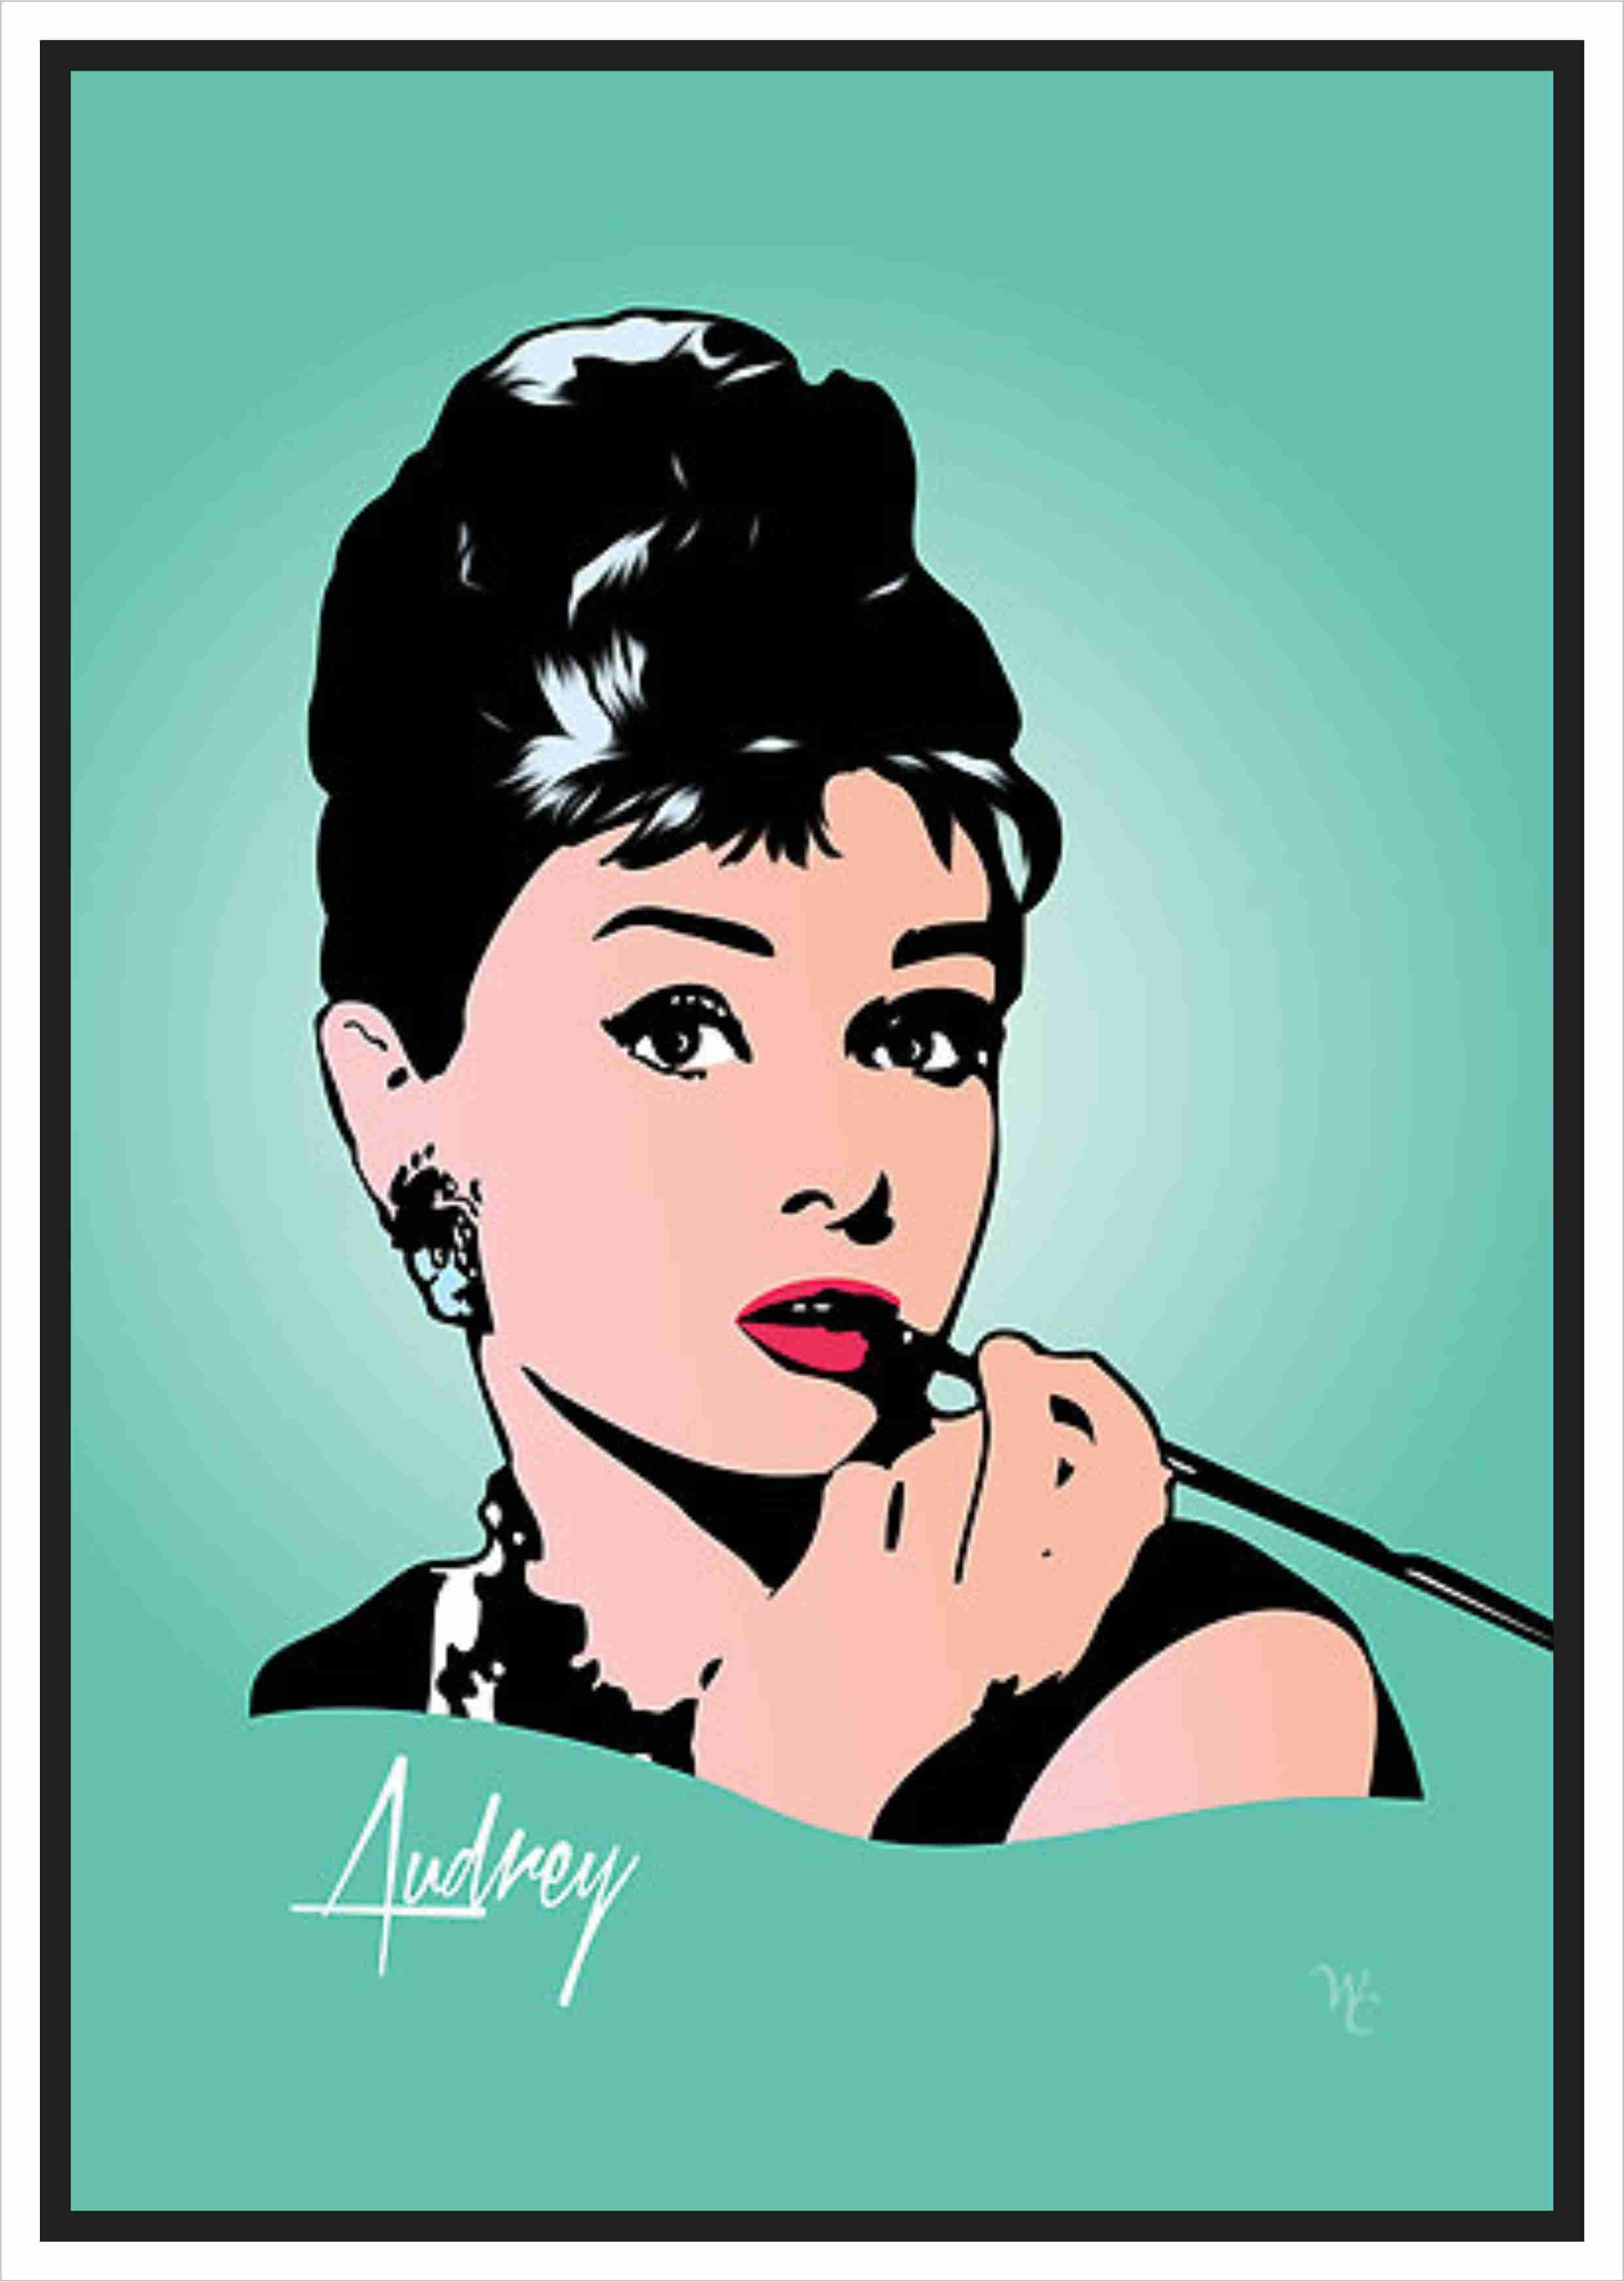 Audrey hepburn bonequinha de luxo desenho pesquisa - Audrey hepburn cuadros ...